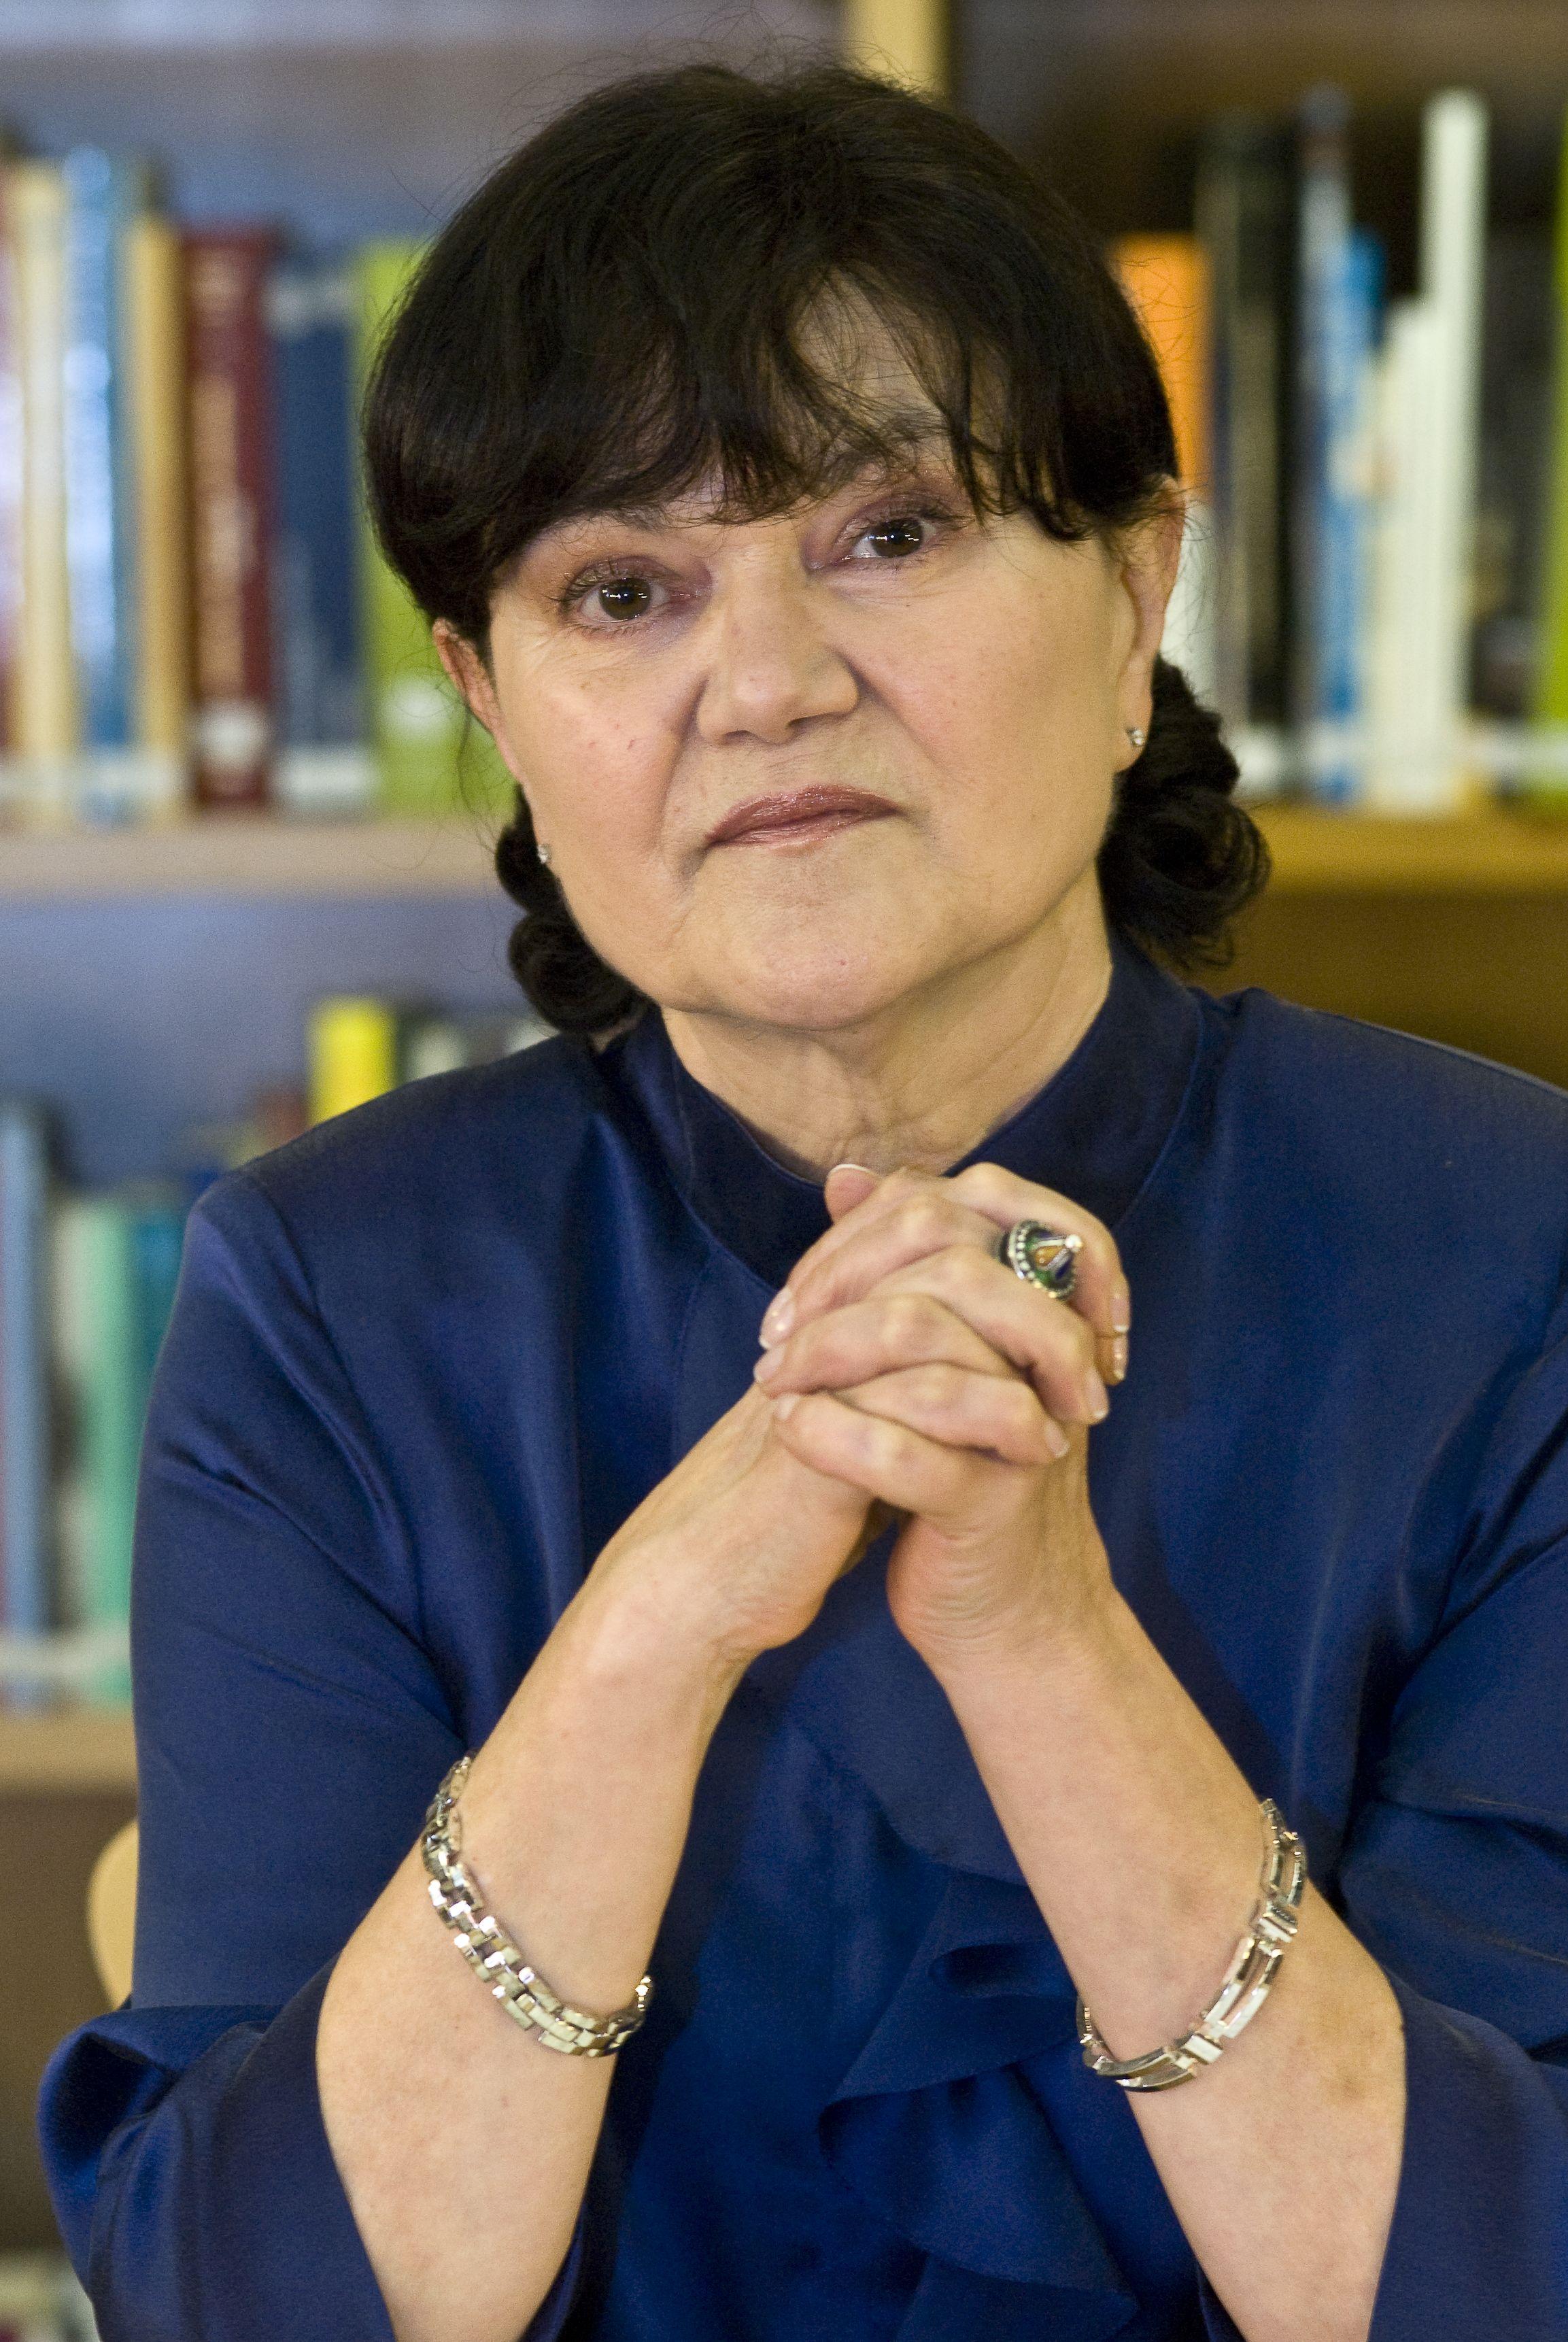 Margarita Ledo é recoñecida co premio Ramón Piñeiro, Facer País